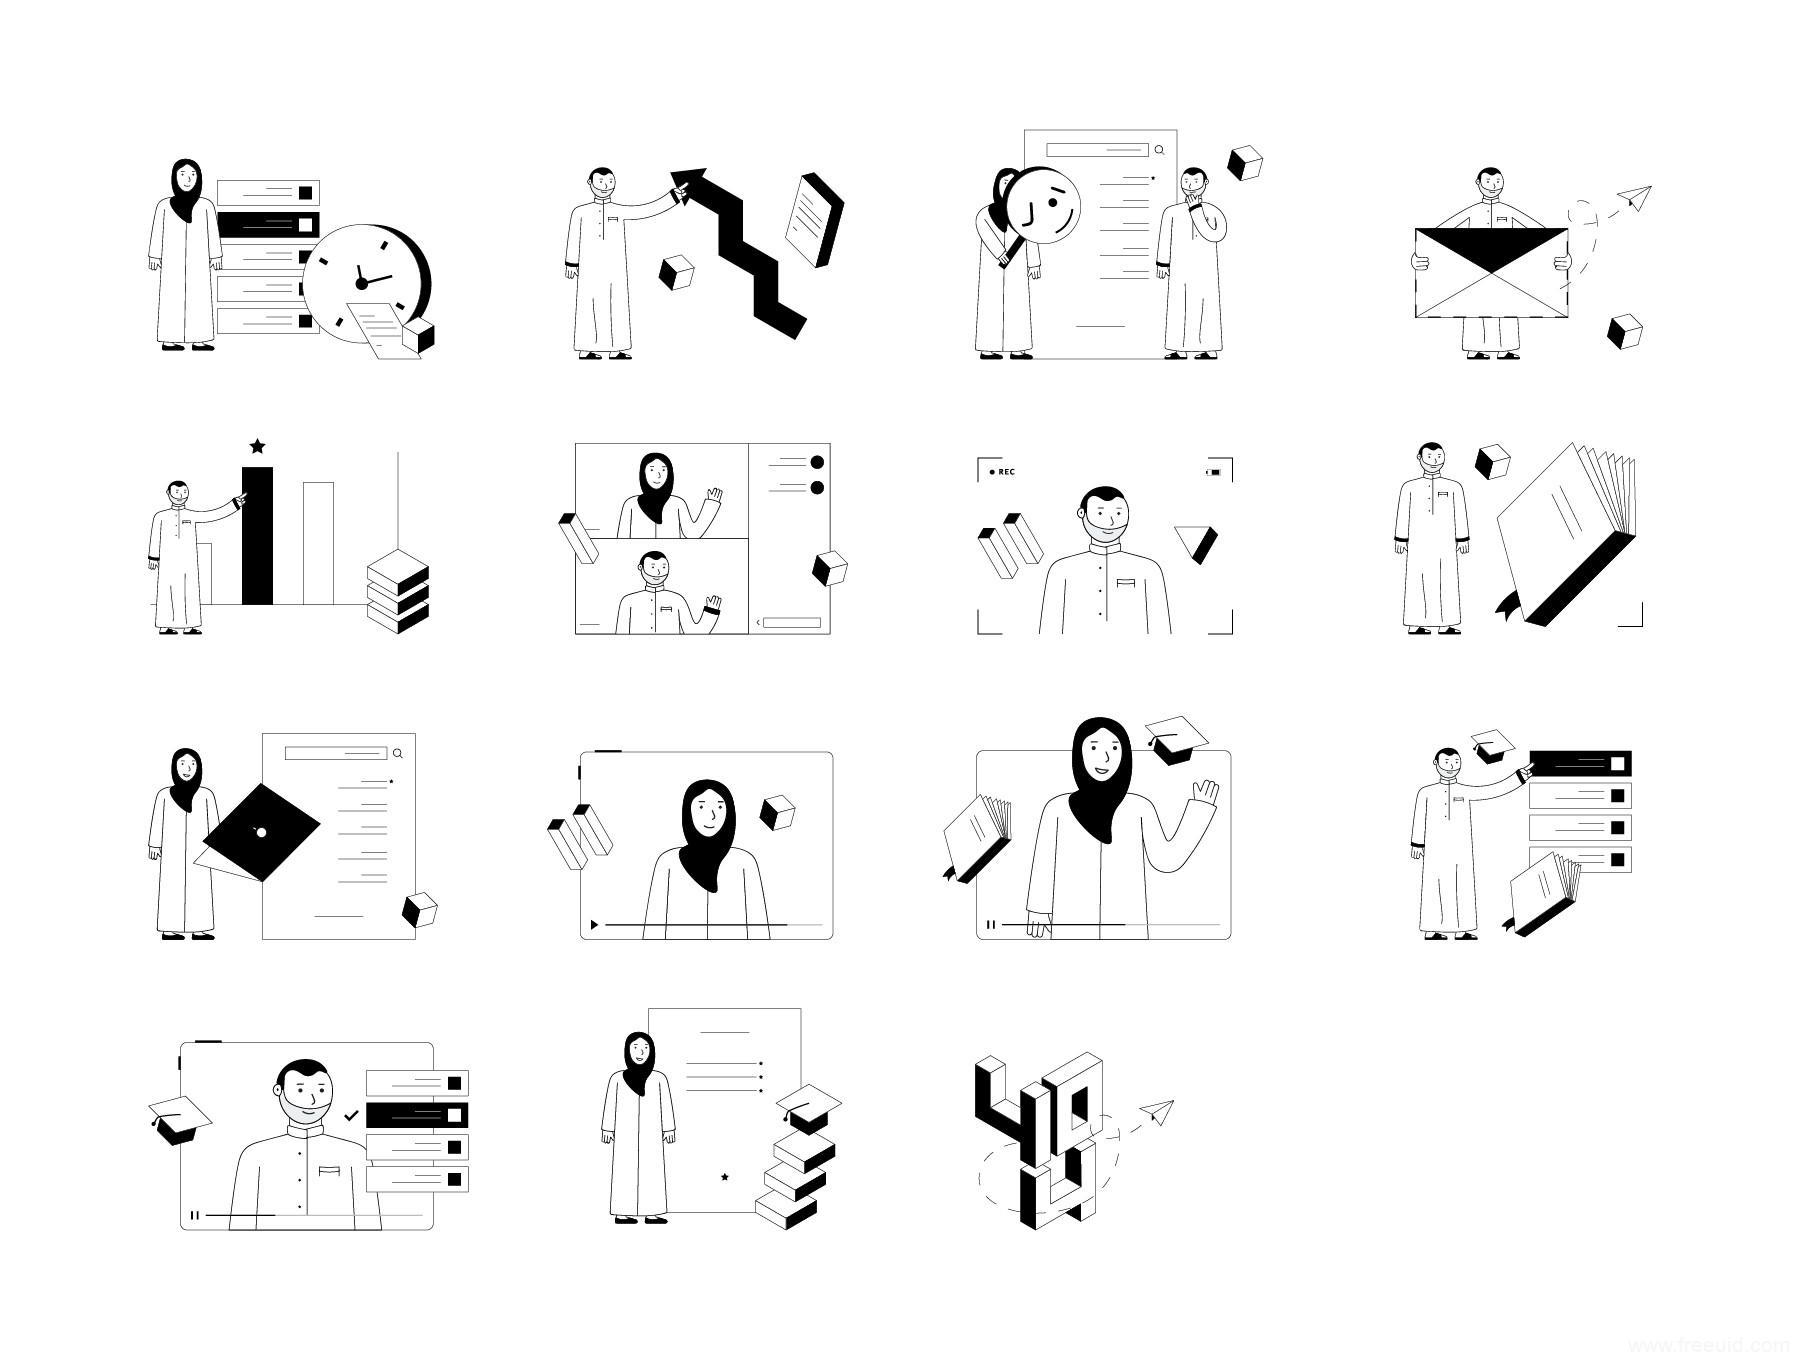 一套简约风黑白线条运营插画素材库,矢量等距黑白线条运营插画组件库